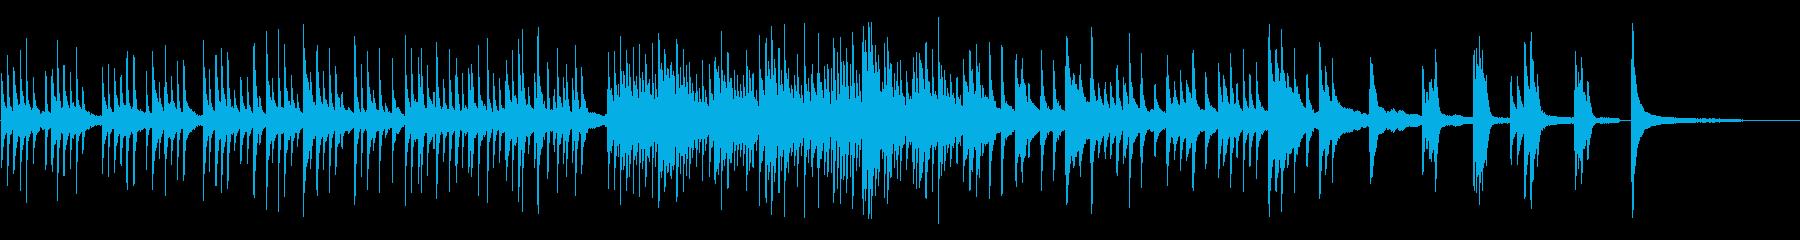 企業向キラキラピアノソロで透明感動的の再生済みの波形